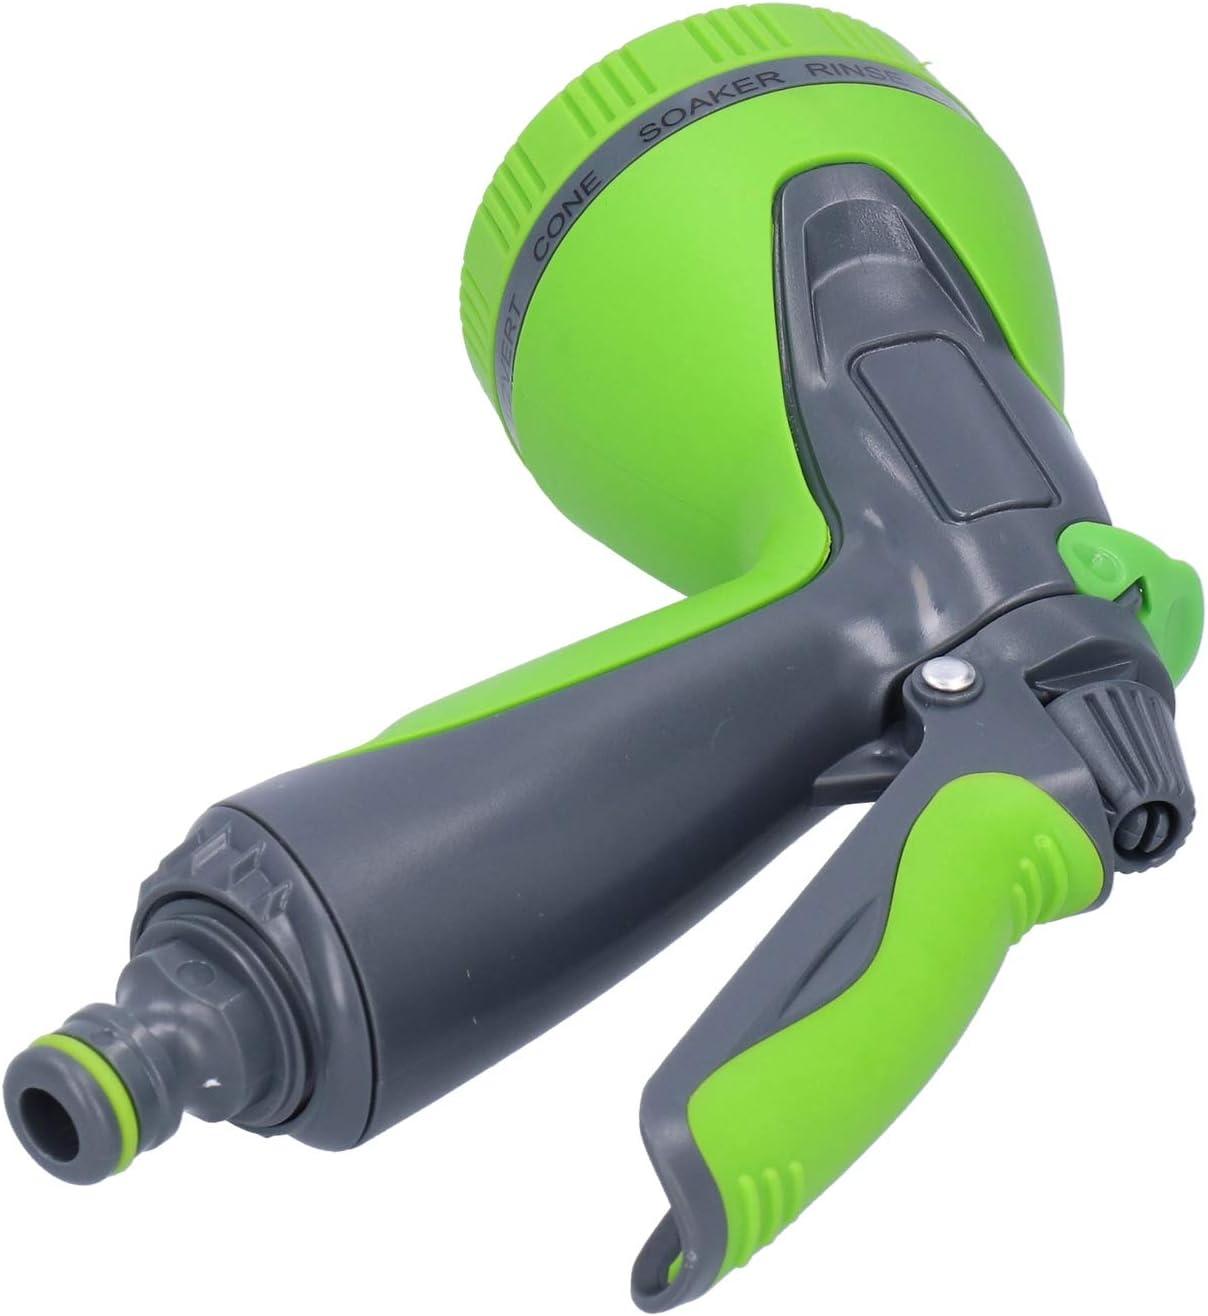 Fdit Garden Hose Store Nozzle Spray Kinds of online shop 10 Sprinkler with